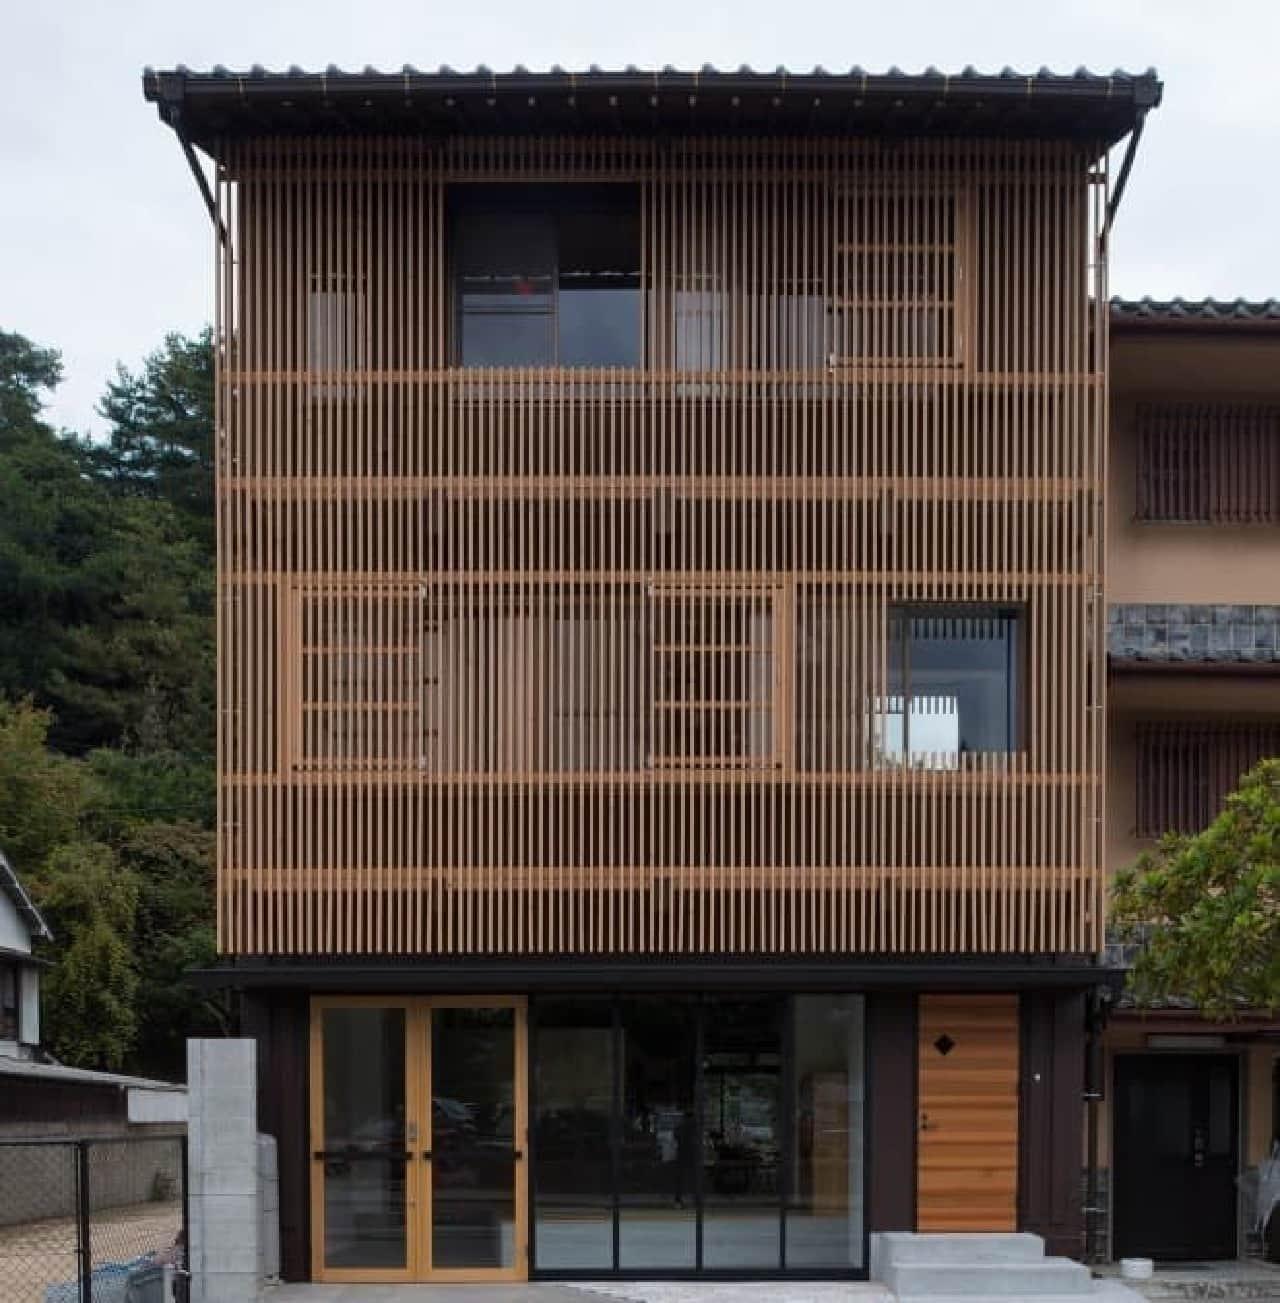 1泊3,000円で宮島に宿泊できる「鹿庭荘(かにわ そう)」オープン